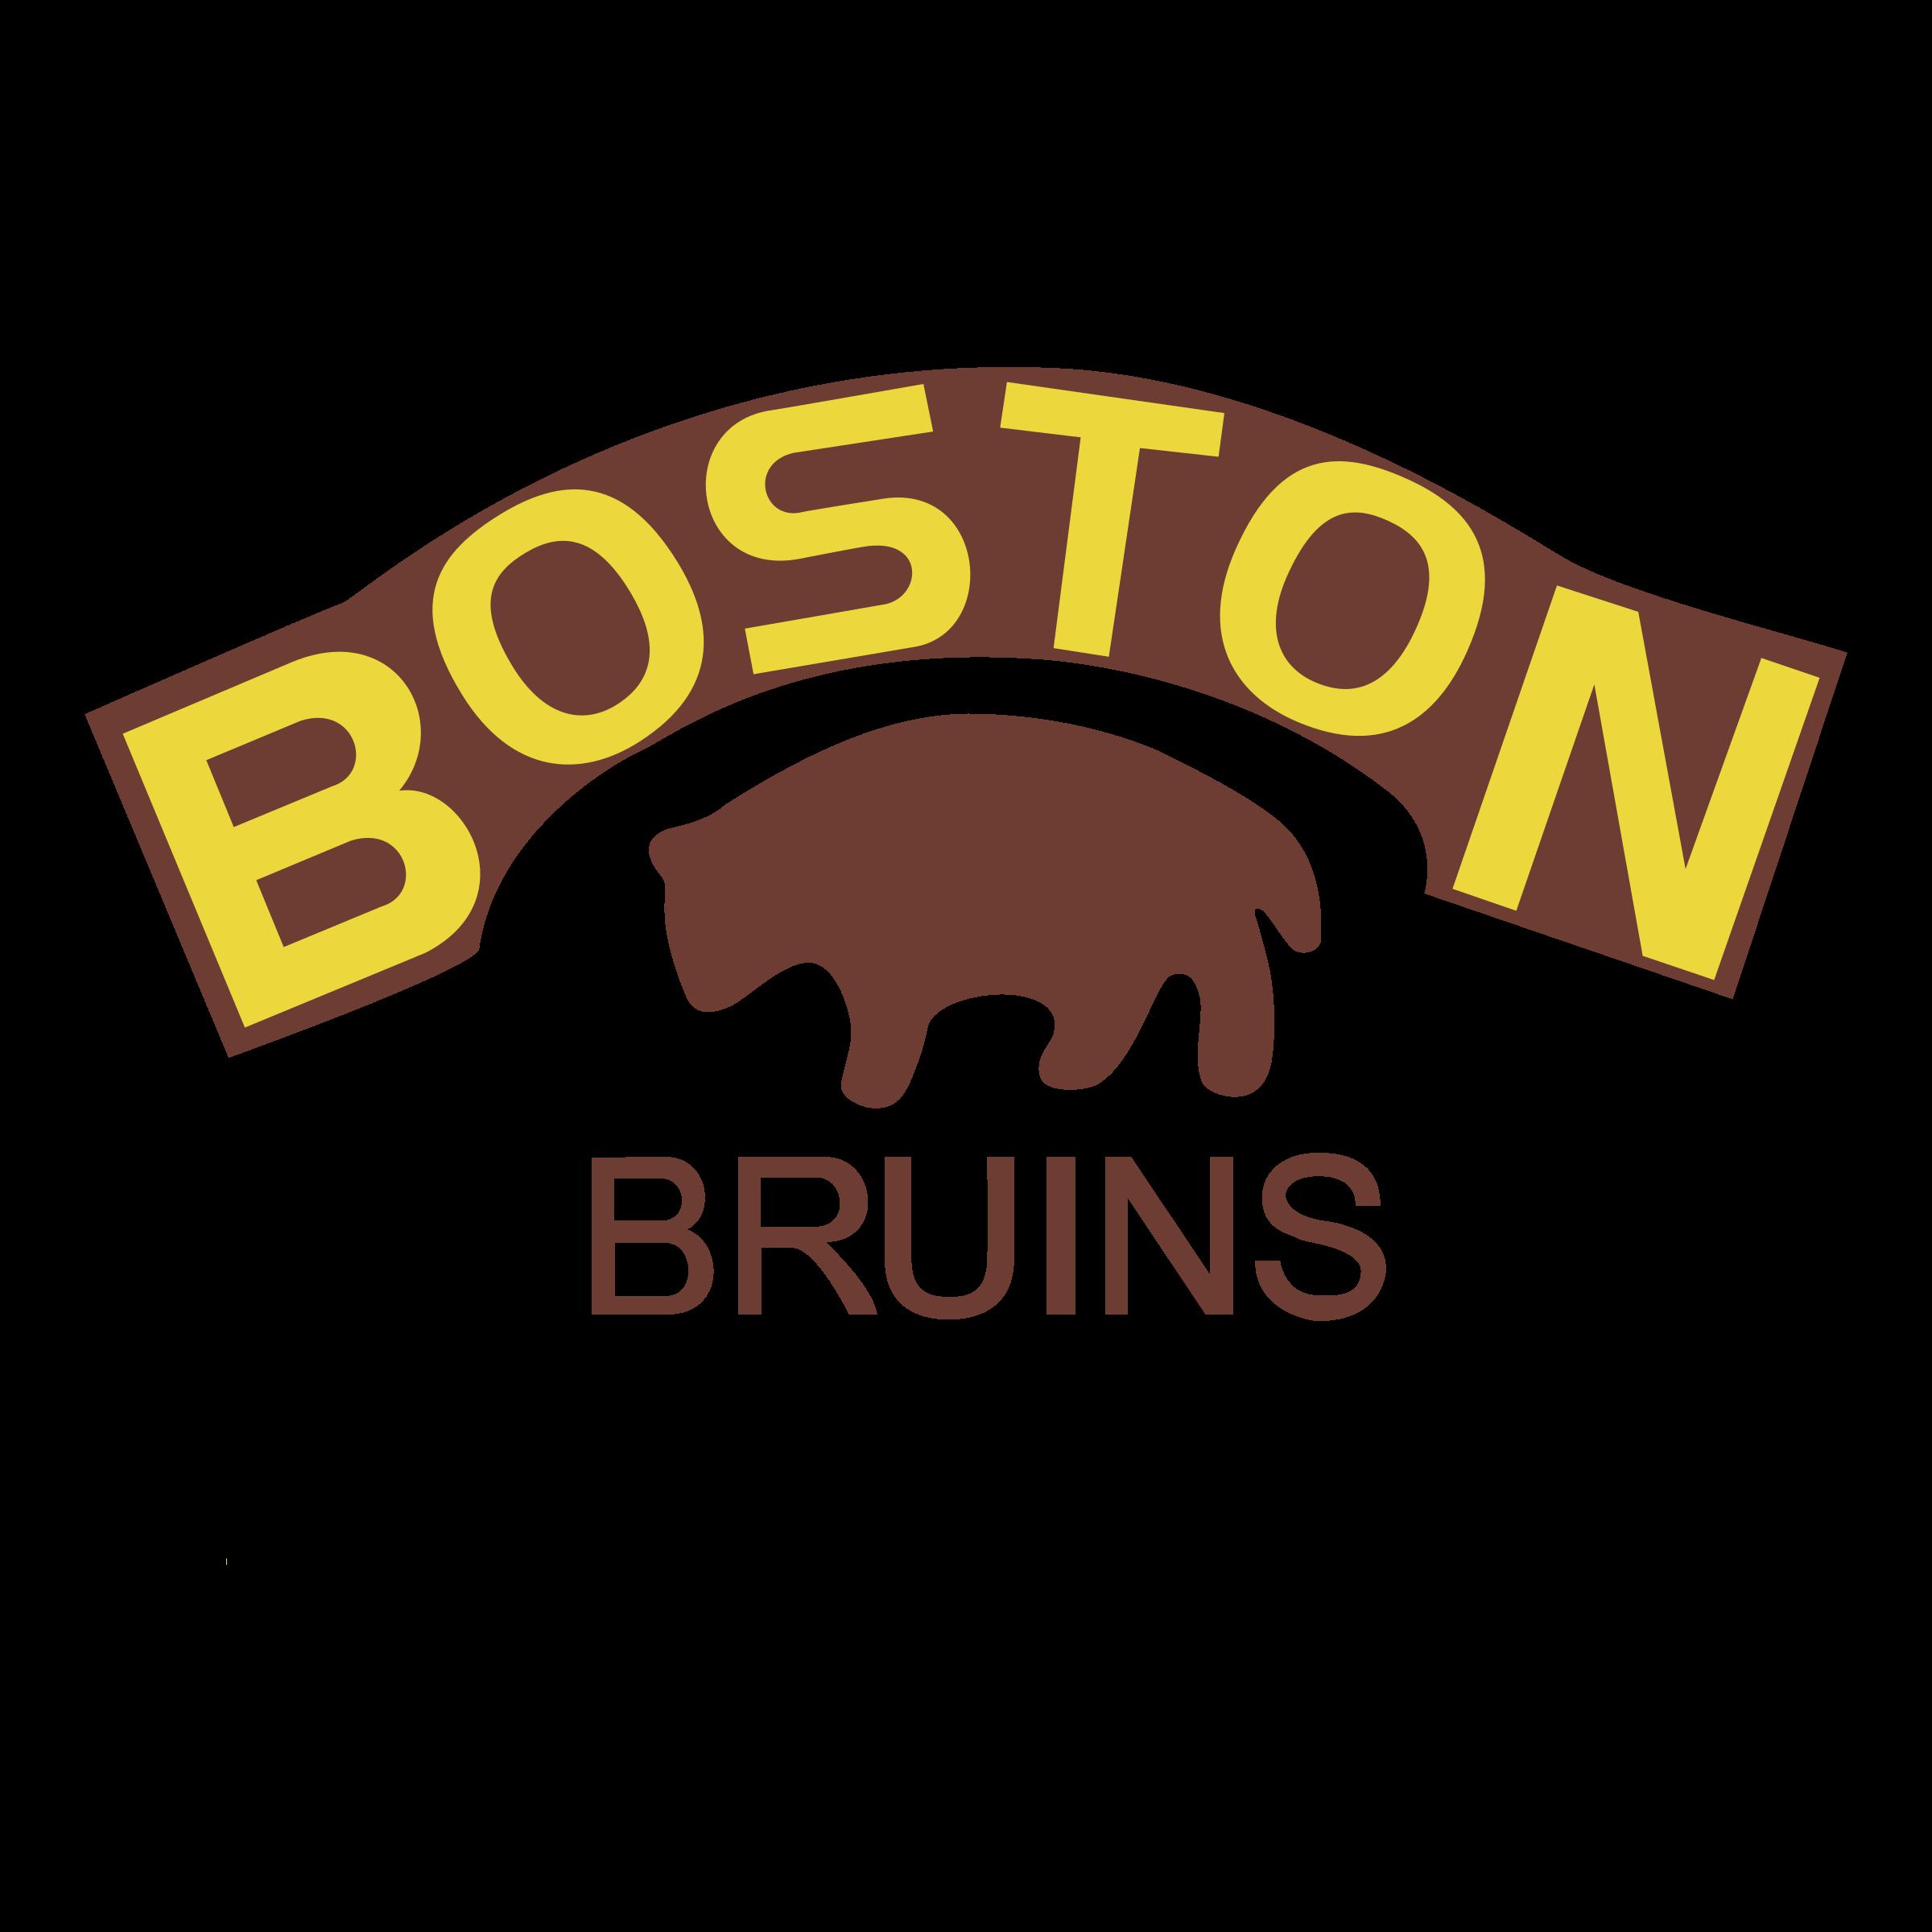 Großzügig Boston Bruins Logo Vorlage Zeitgenössisch - Entry Level ...